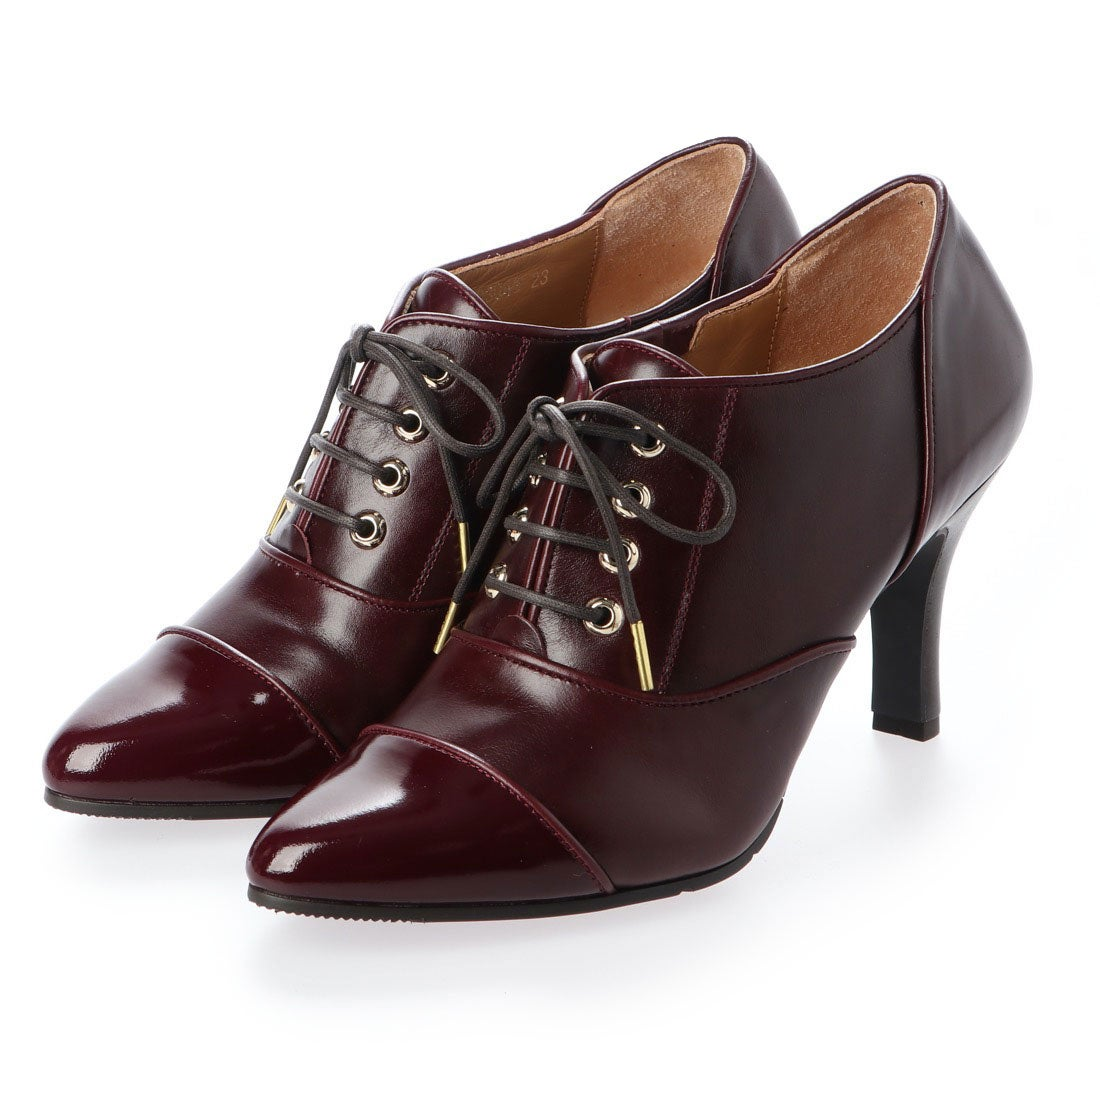 ロコンド 靴とファッションの通販サイトスタイルラボ STYLE lab 【高機能】レースアップポインテッドトゥパンプス (ワイン)